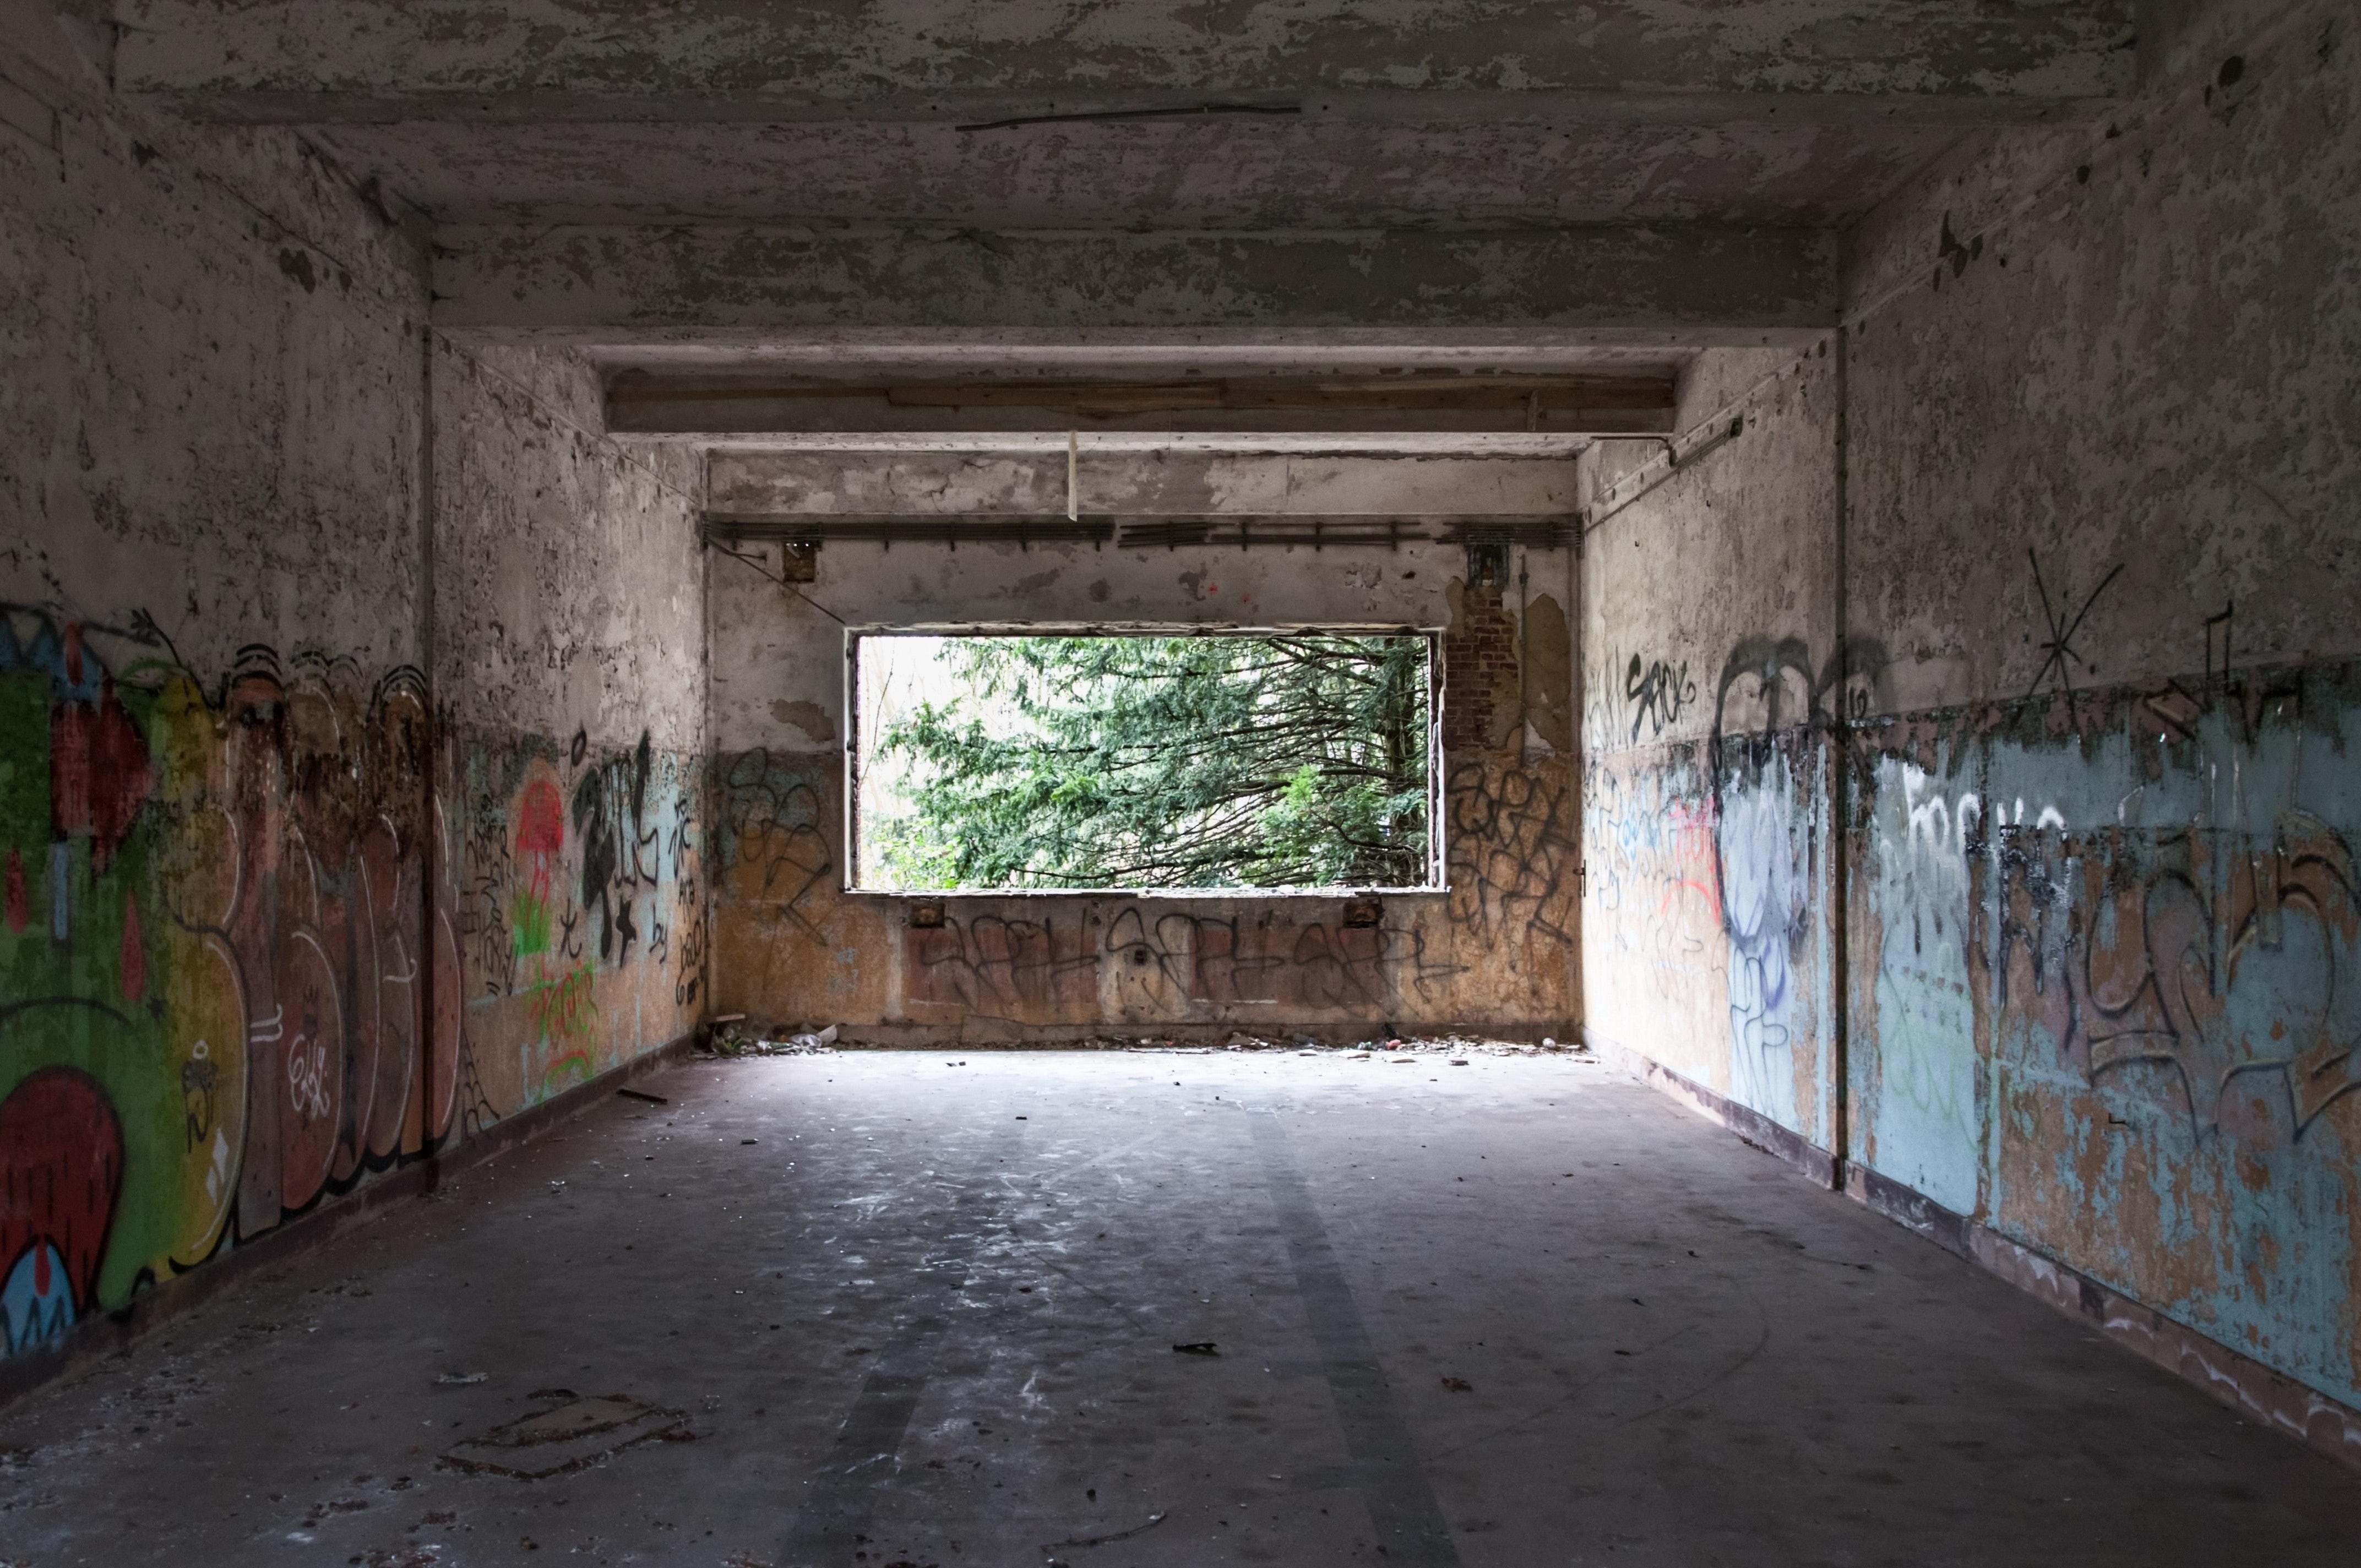 Brown Wooden Door Inside Abandoned Room 183 Free Stock Photo